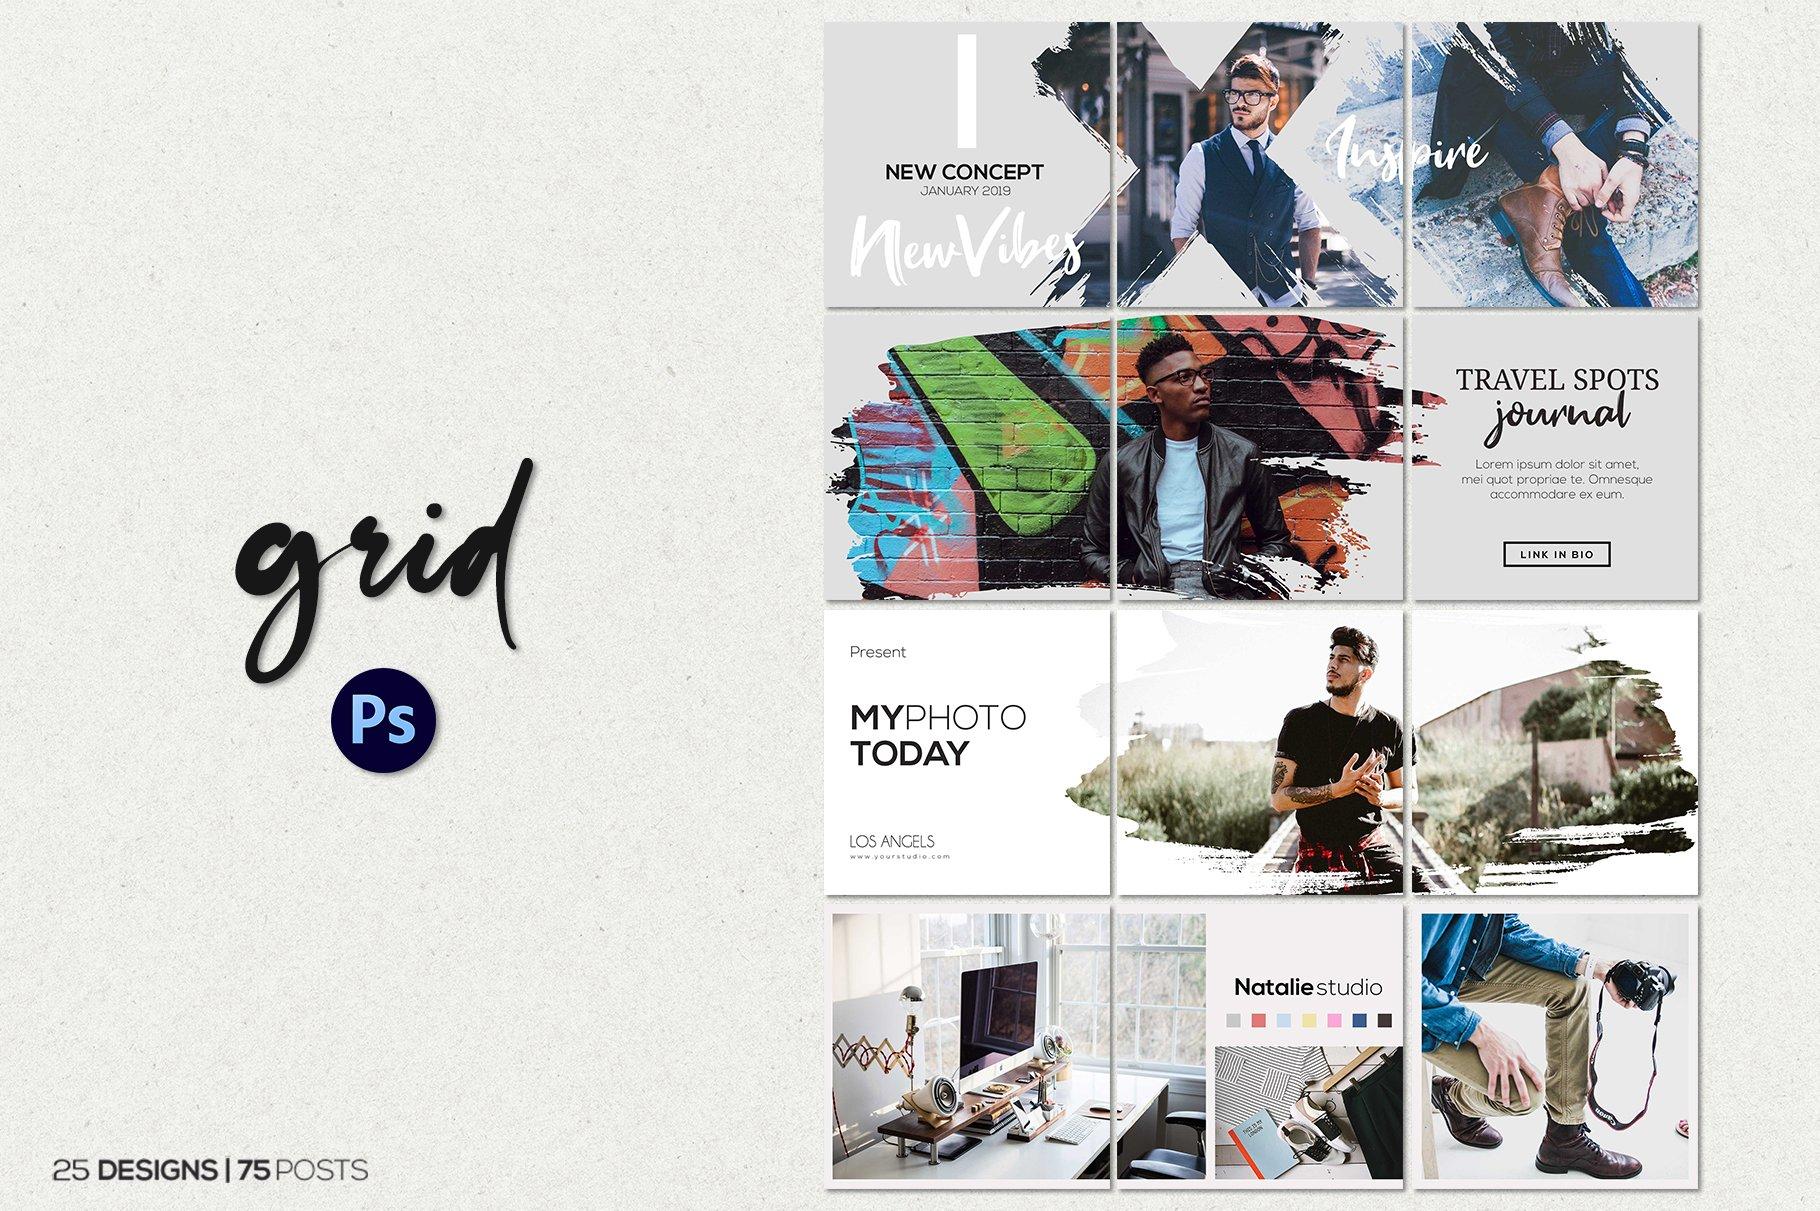 毛笔笔刷效果新媒体电商海报设计PSD模板 Agenda Insta Grid (Triple Posts)插图(1)